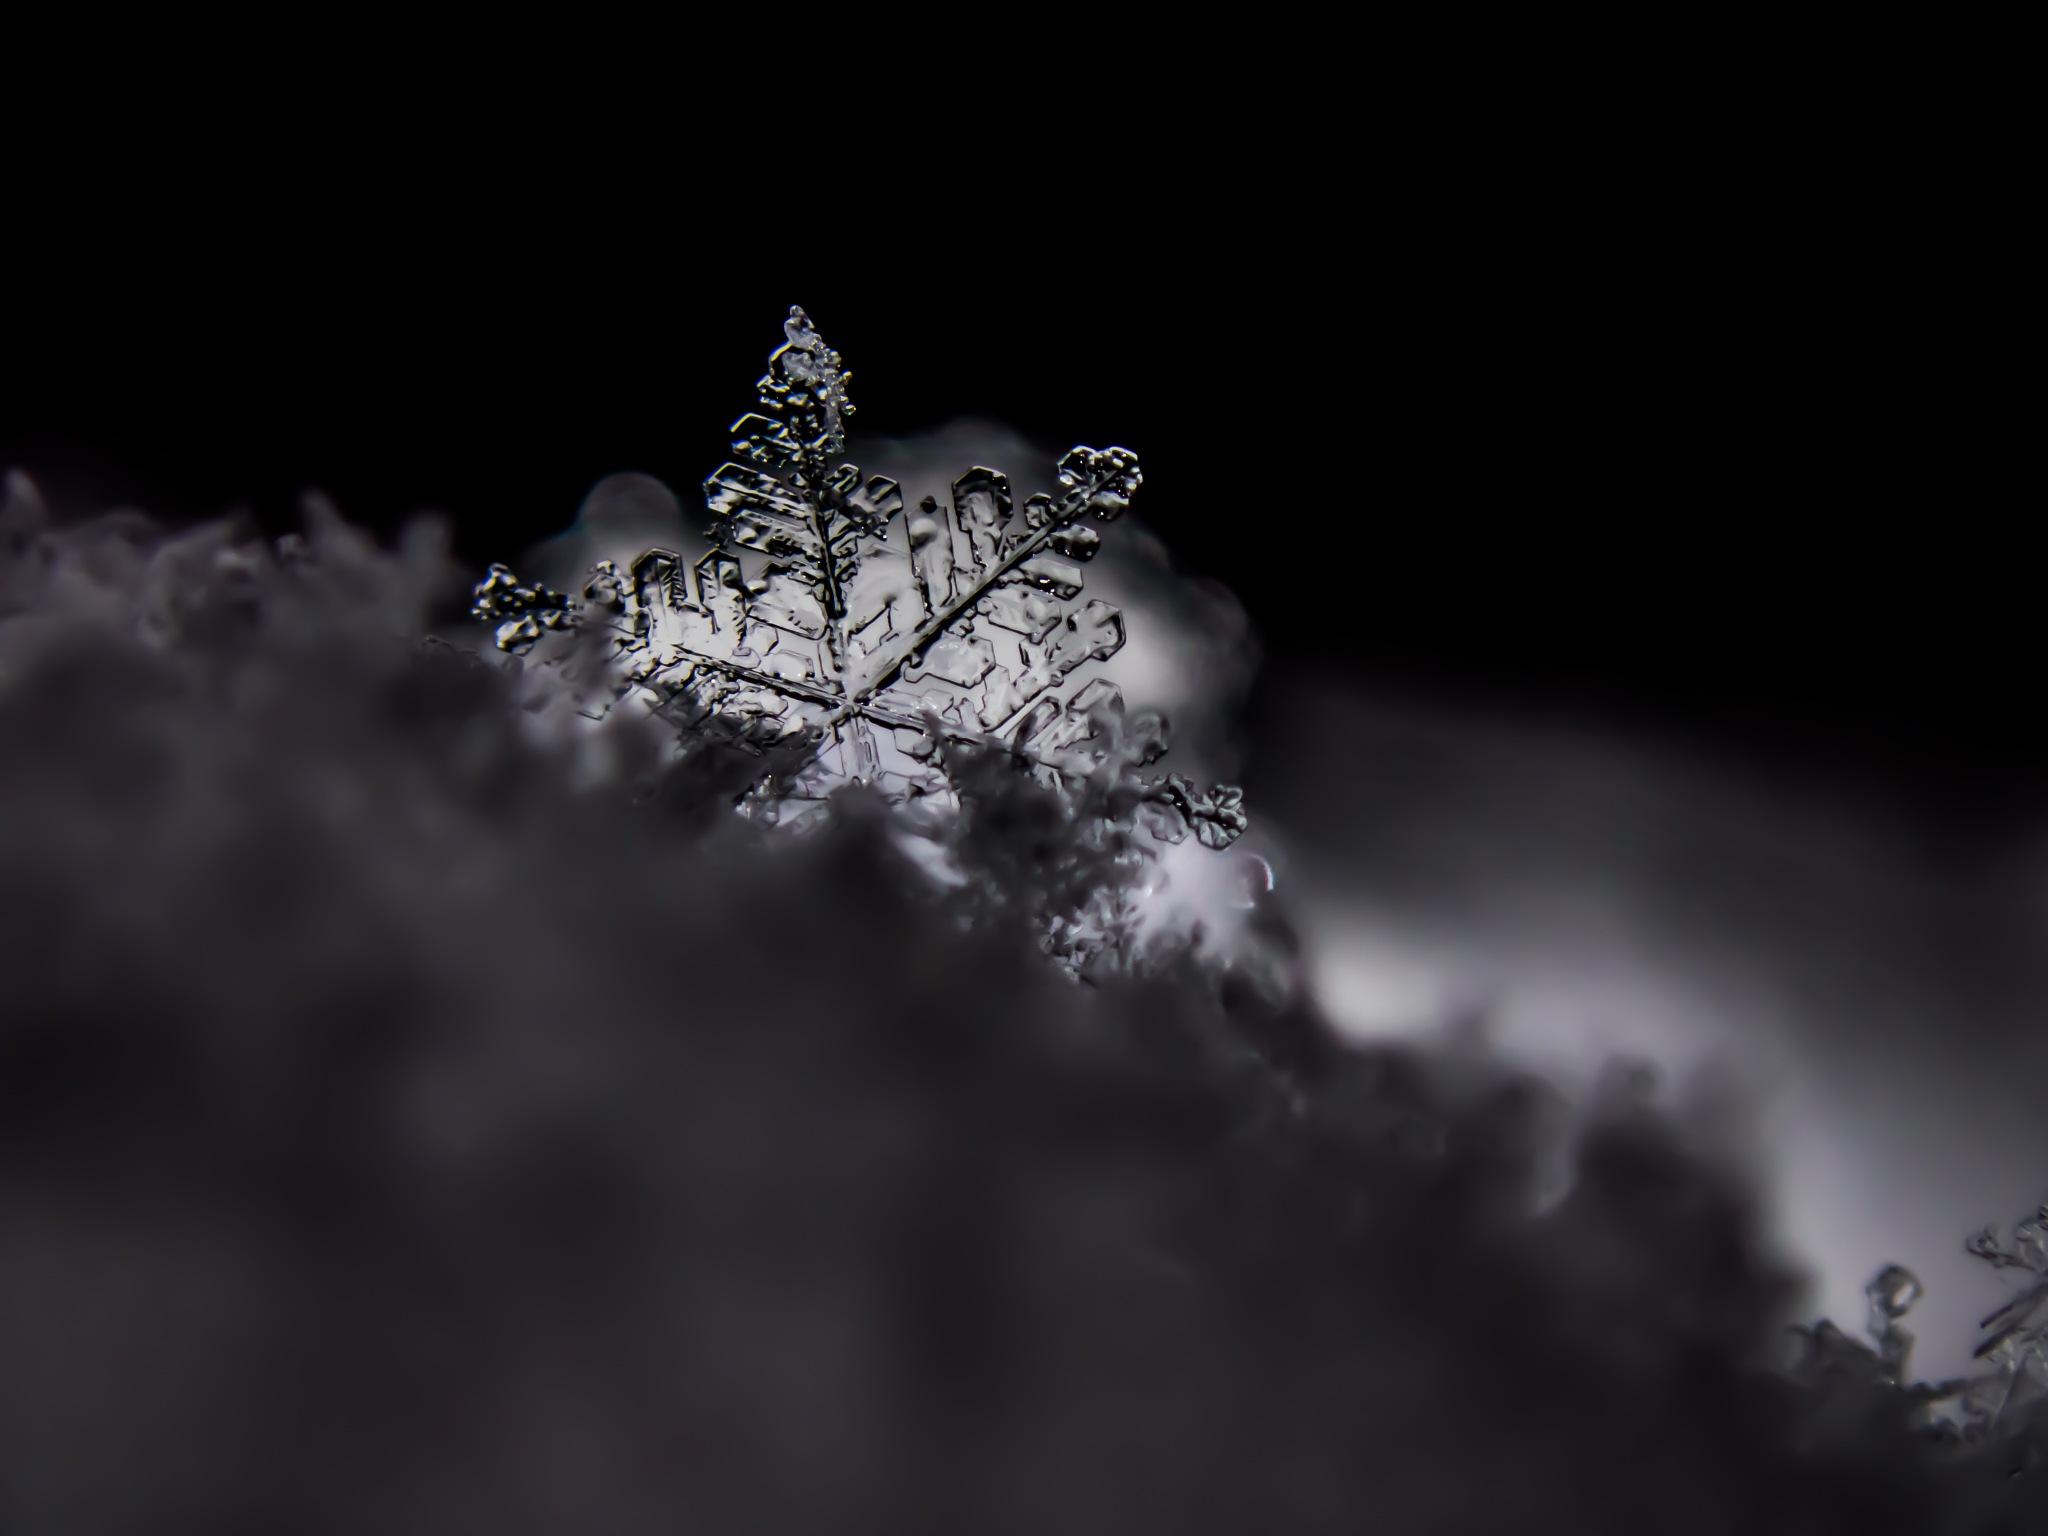 snowcrystal by Gerrit Beetstra